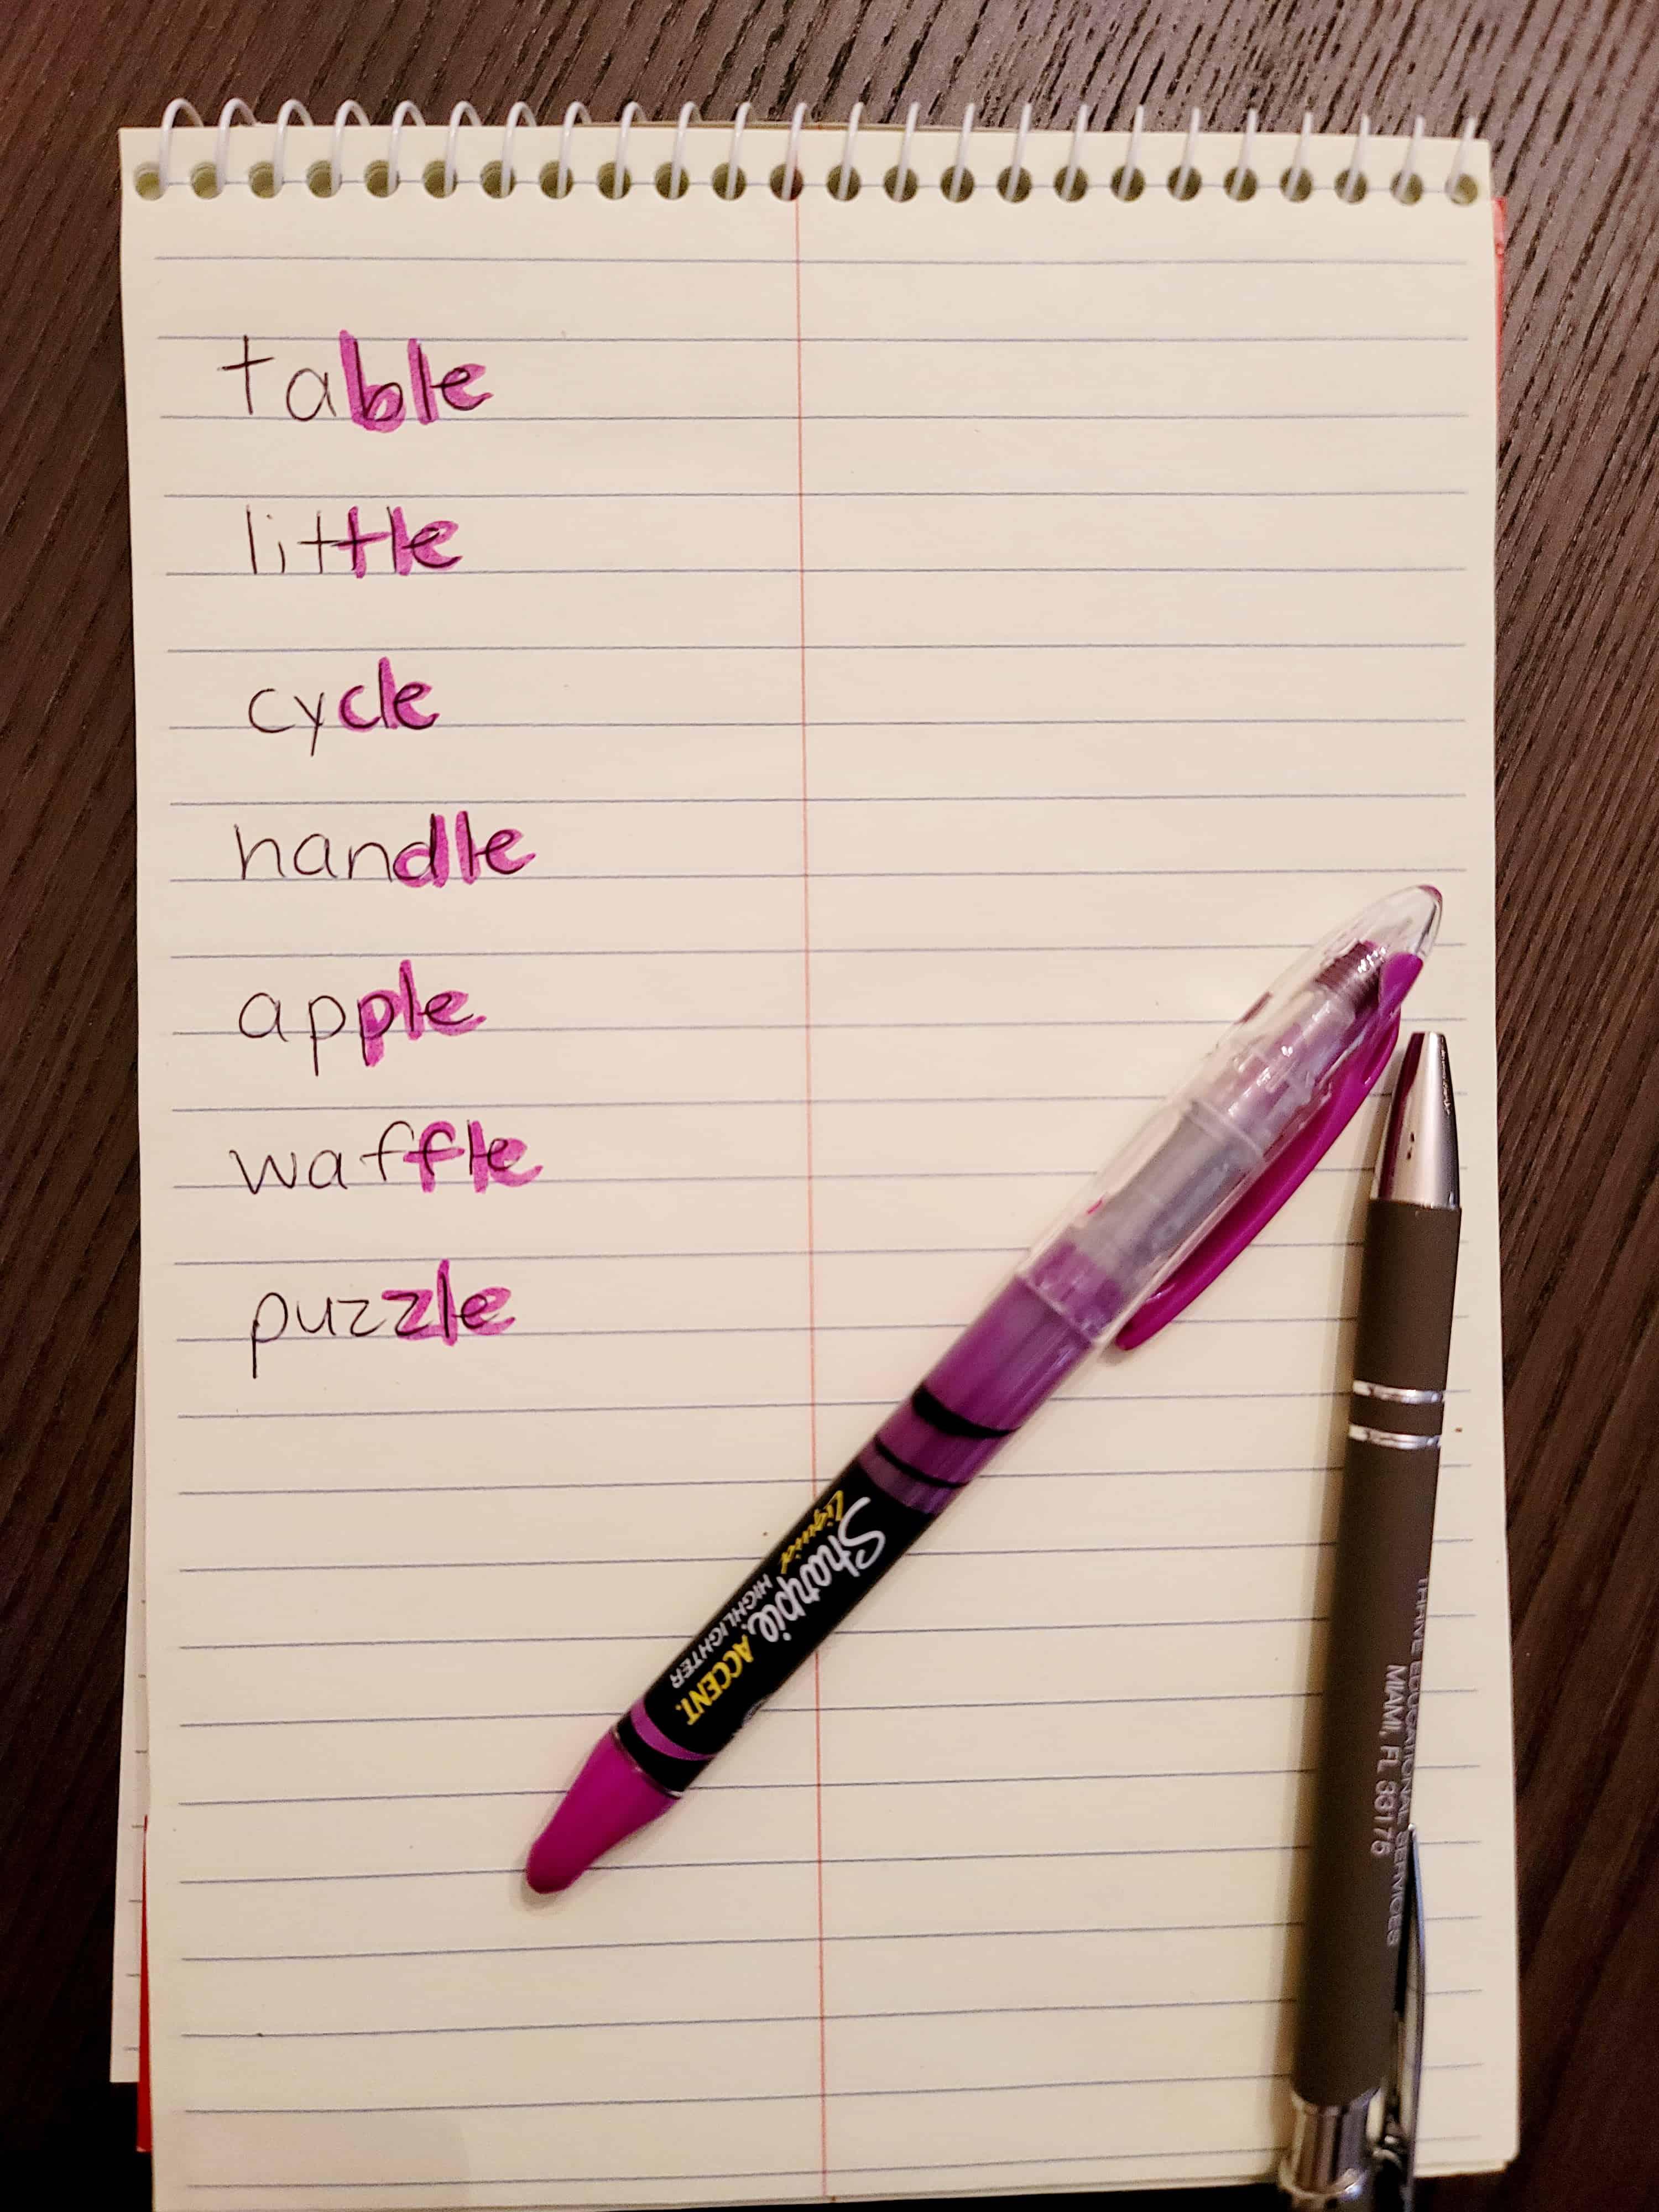 highlight consonant le syllable in a word list